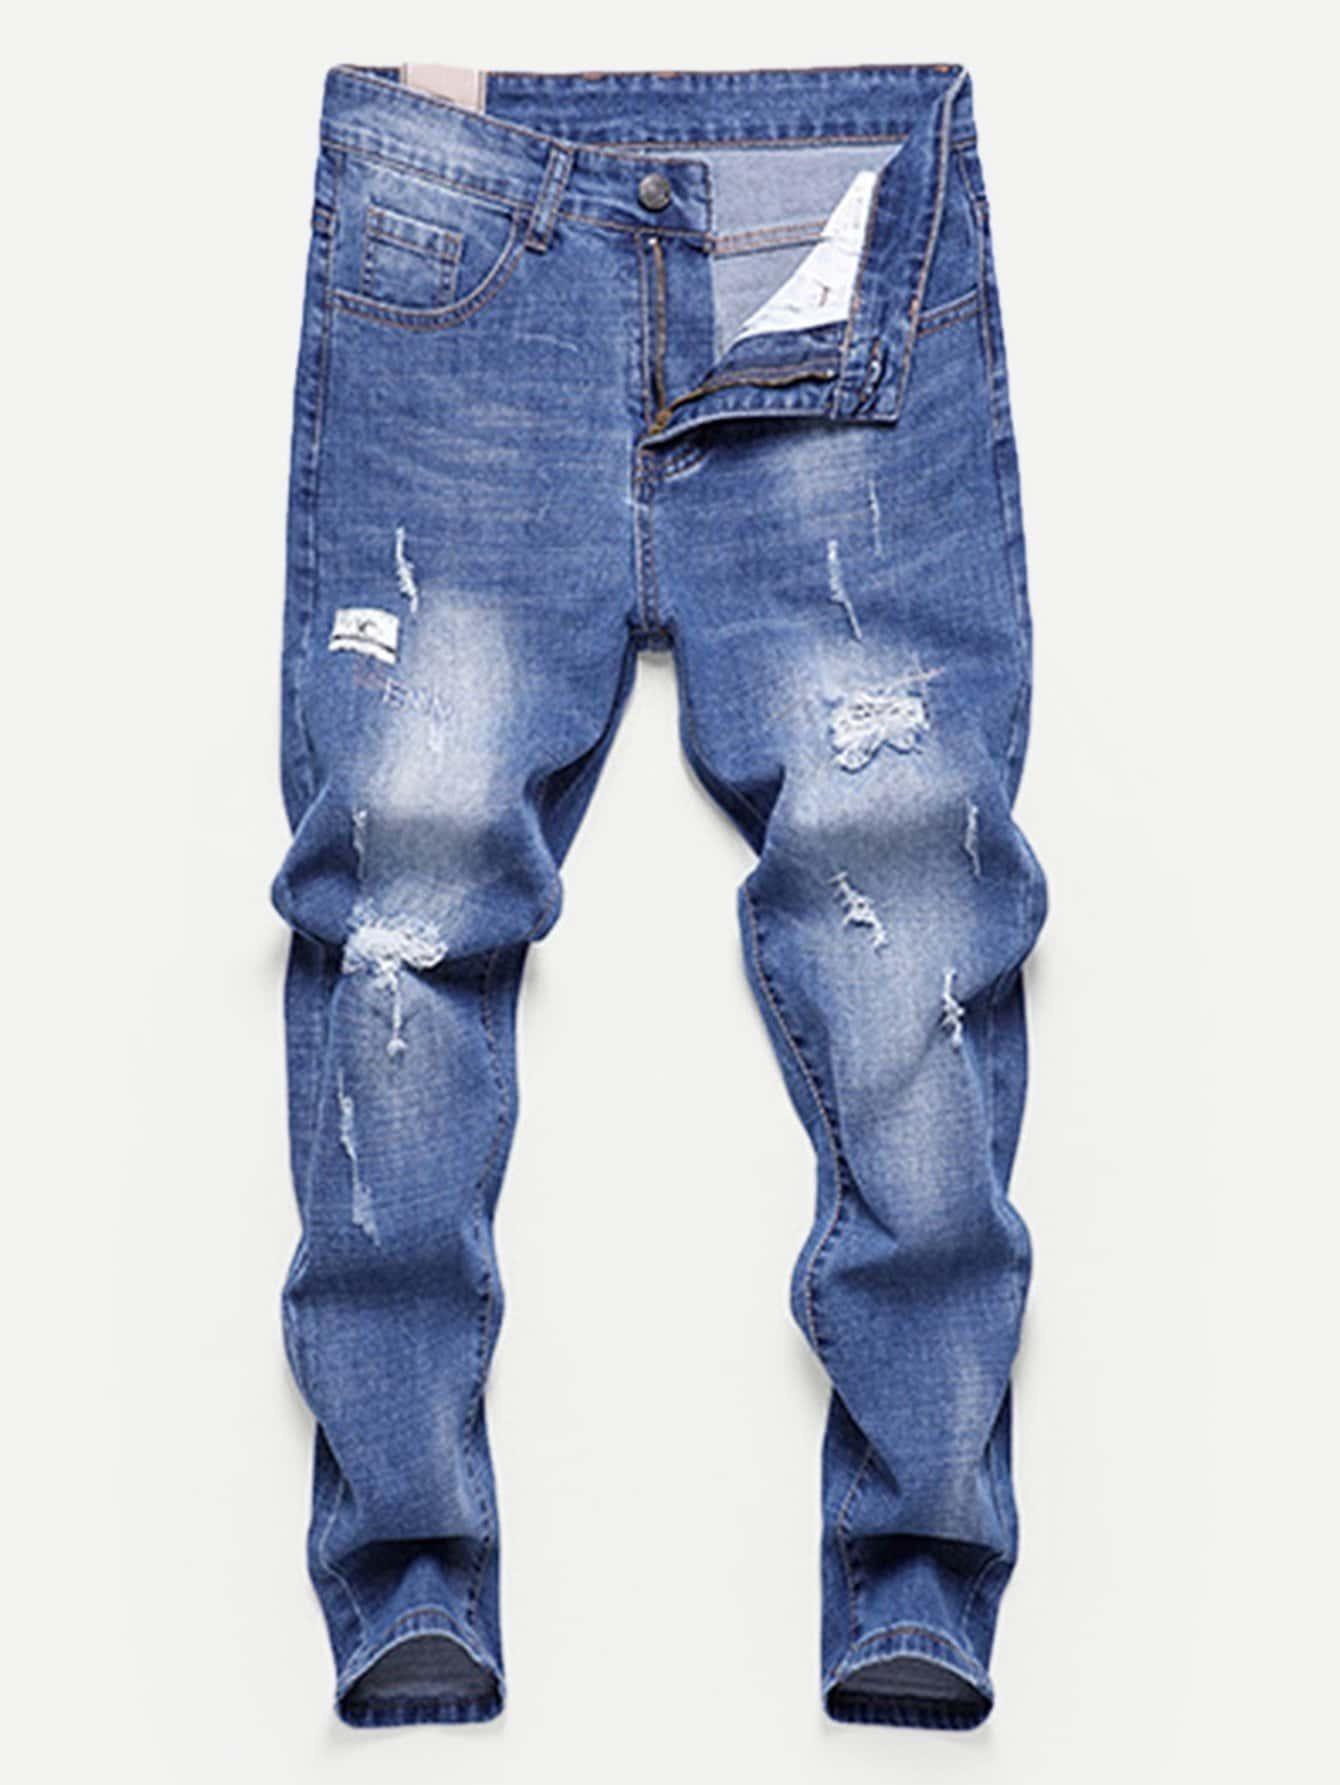 Купить Облегающие рваные джинсы как промывания для мужчины, null, SheIn